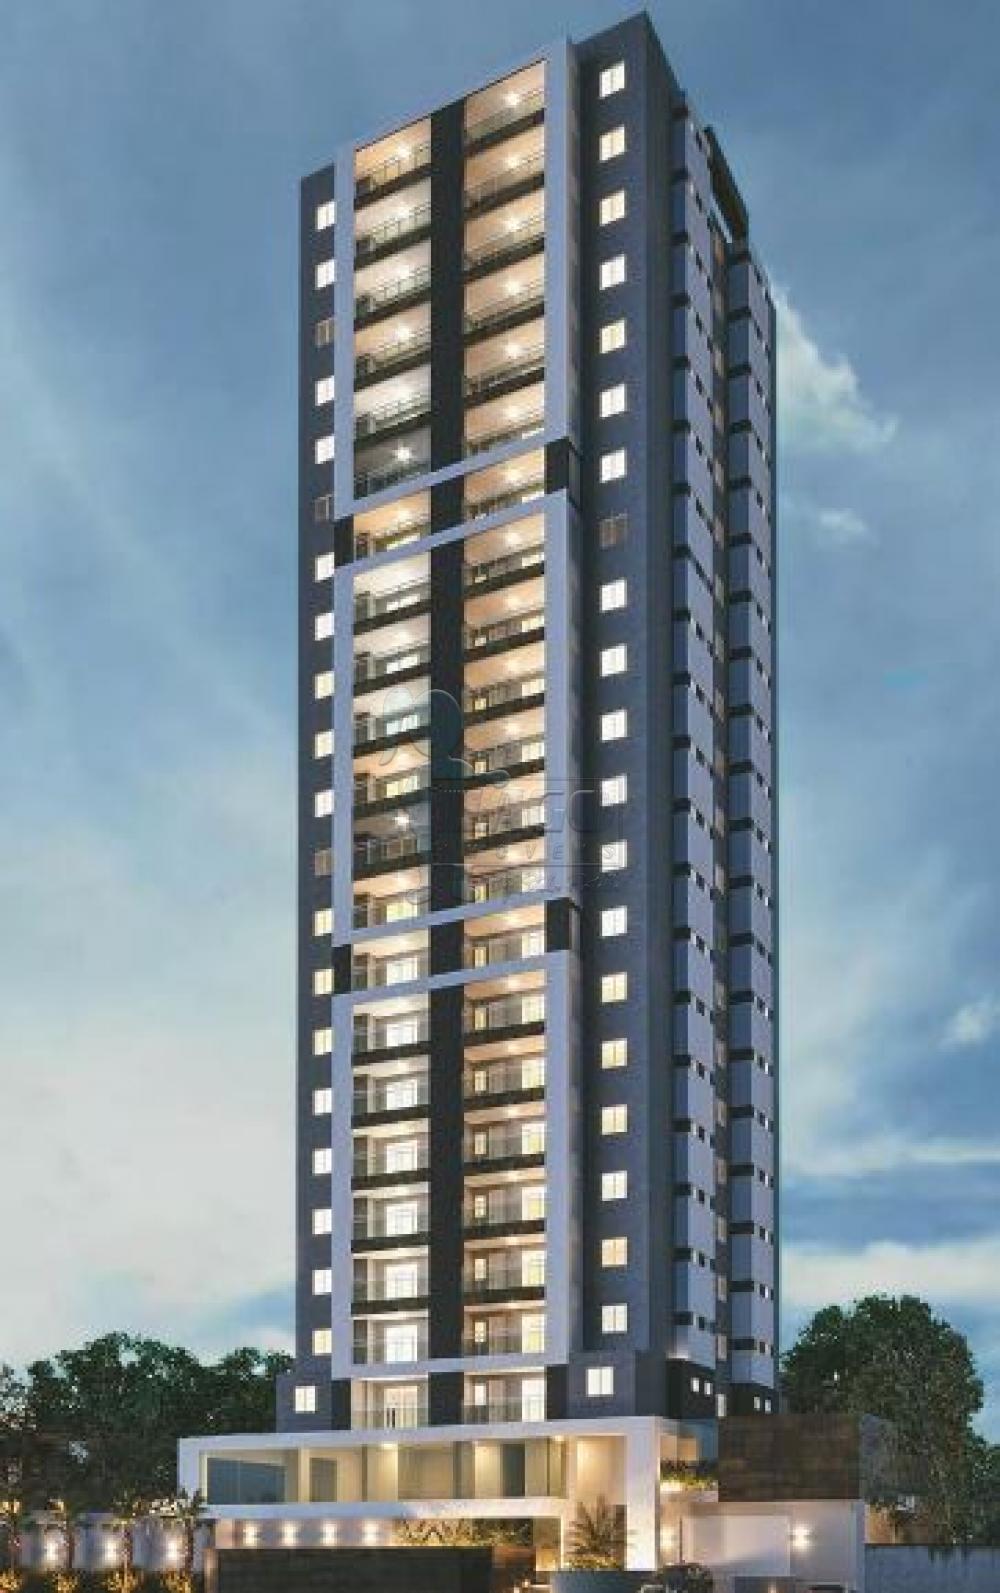 Comprar Apartamento / Padrão em Ribeirão Preto apenas R$ 434.000,00 - Foto 11